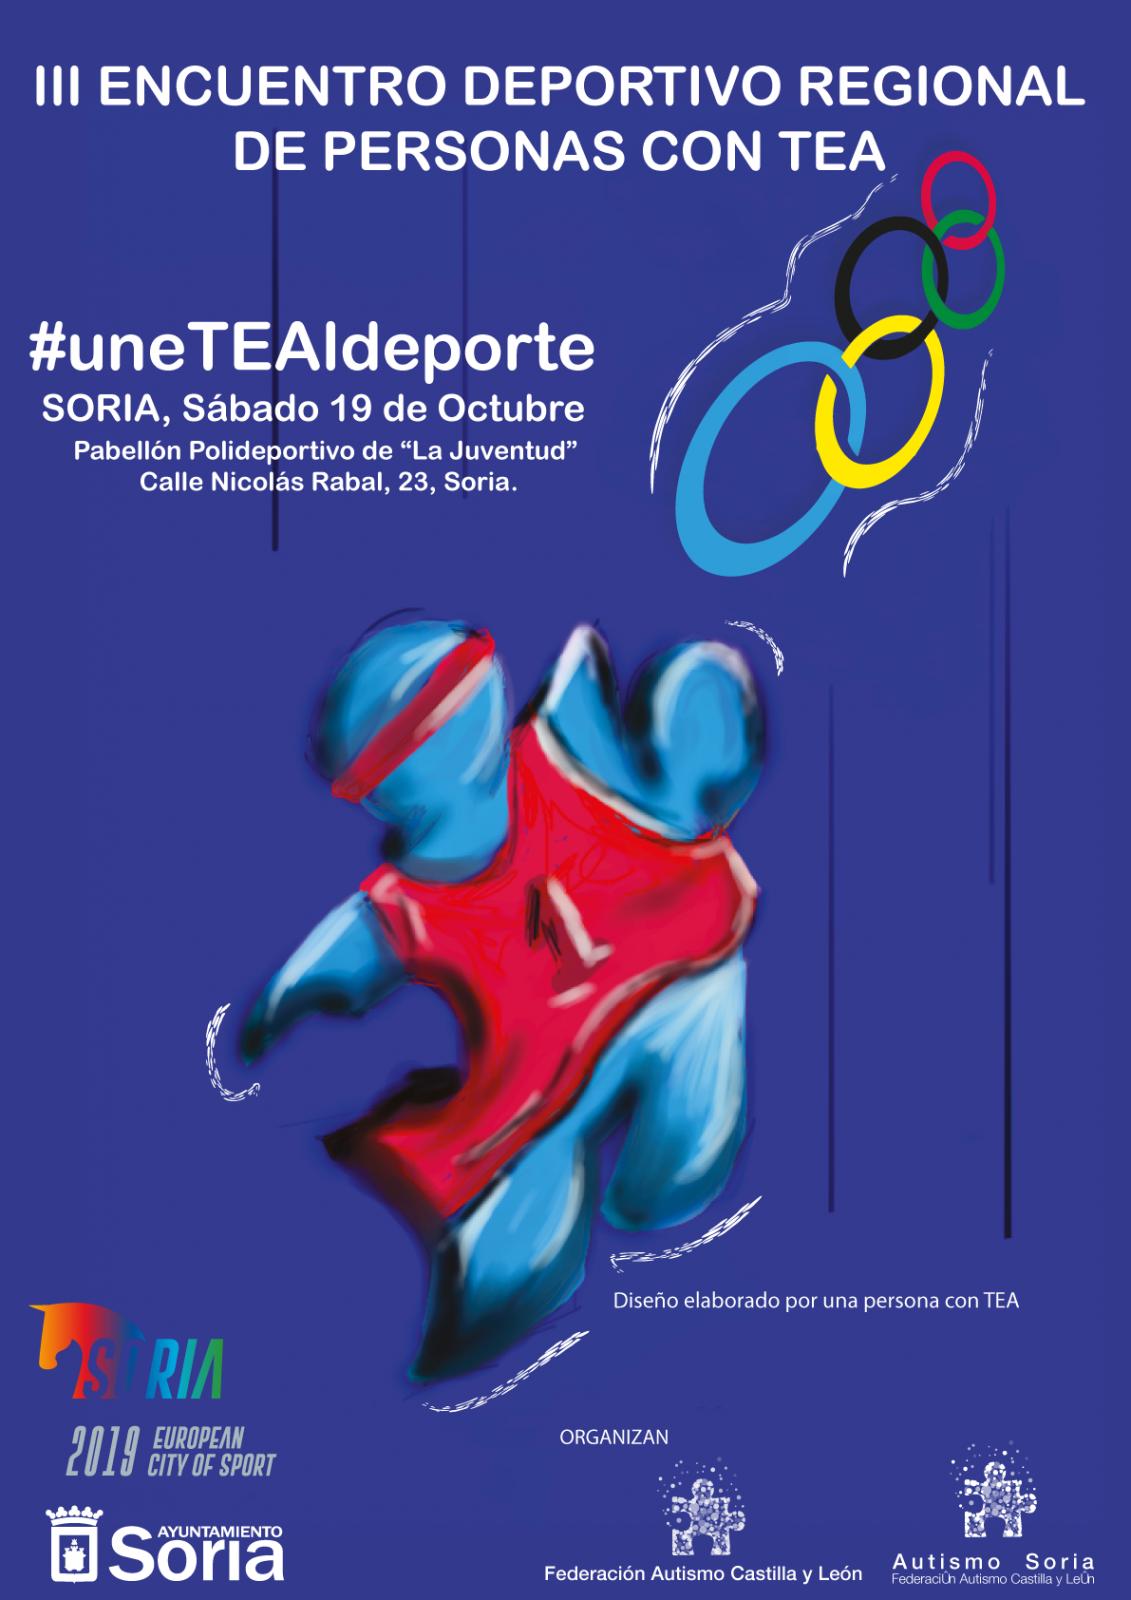 III ENCUENTRO DEPORTIVO REGIONAL DE PERSONAS CON TEA